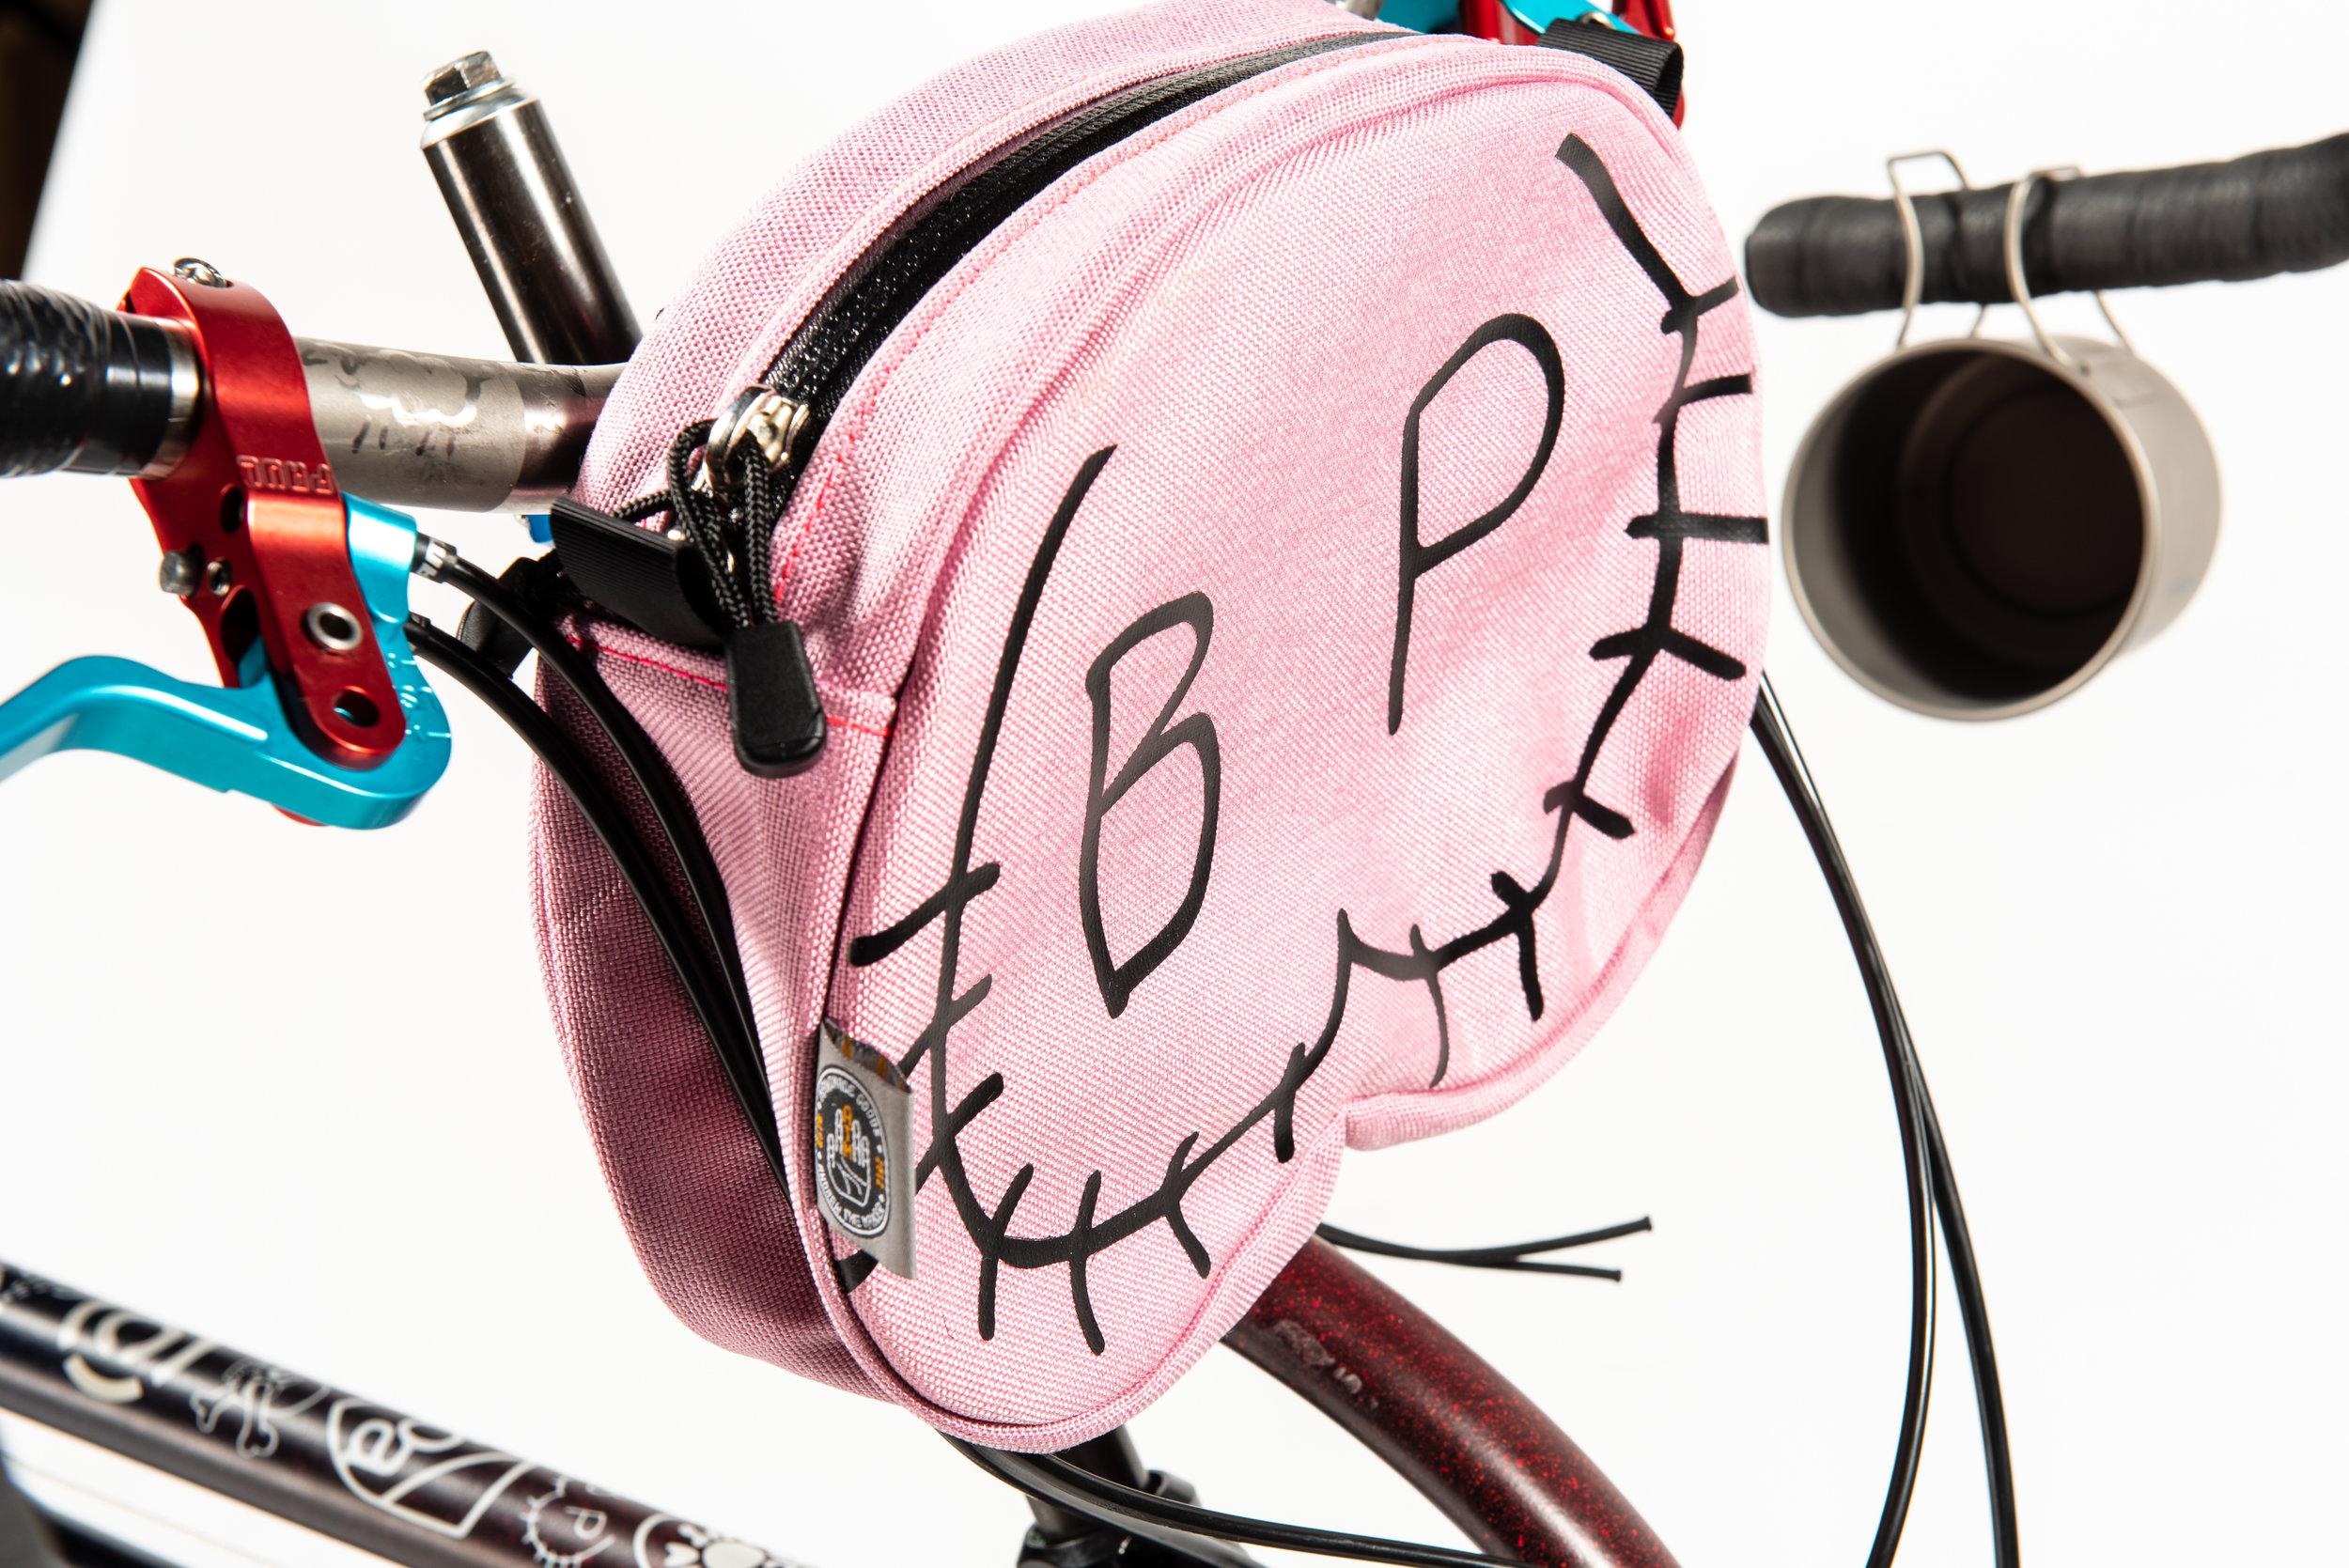 bicycle_pubes_dear_susan_nahbs2019_bq-90.jpg